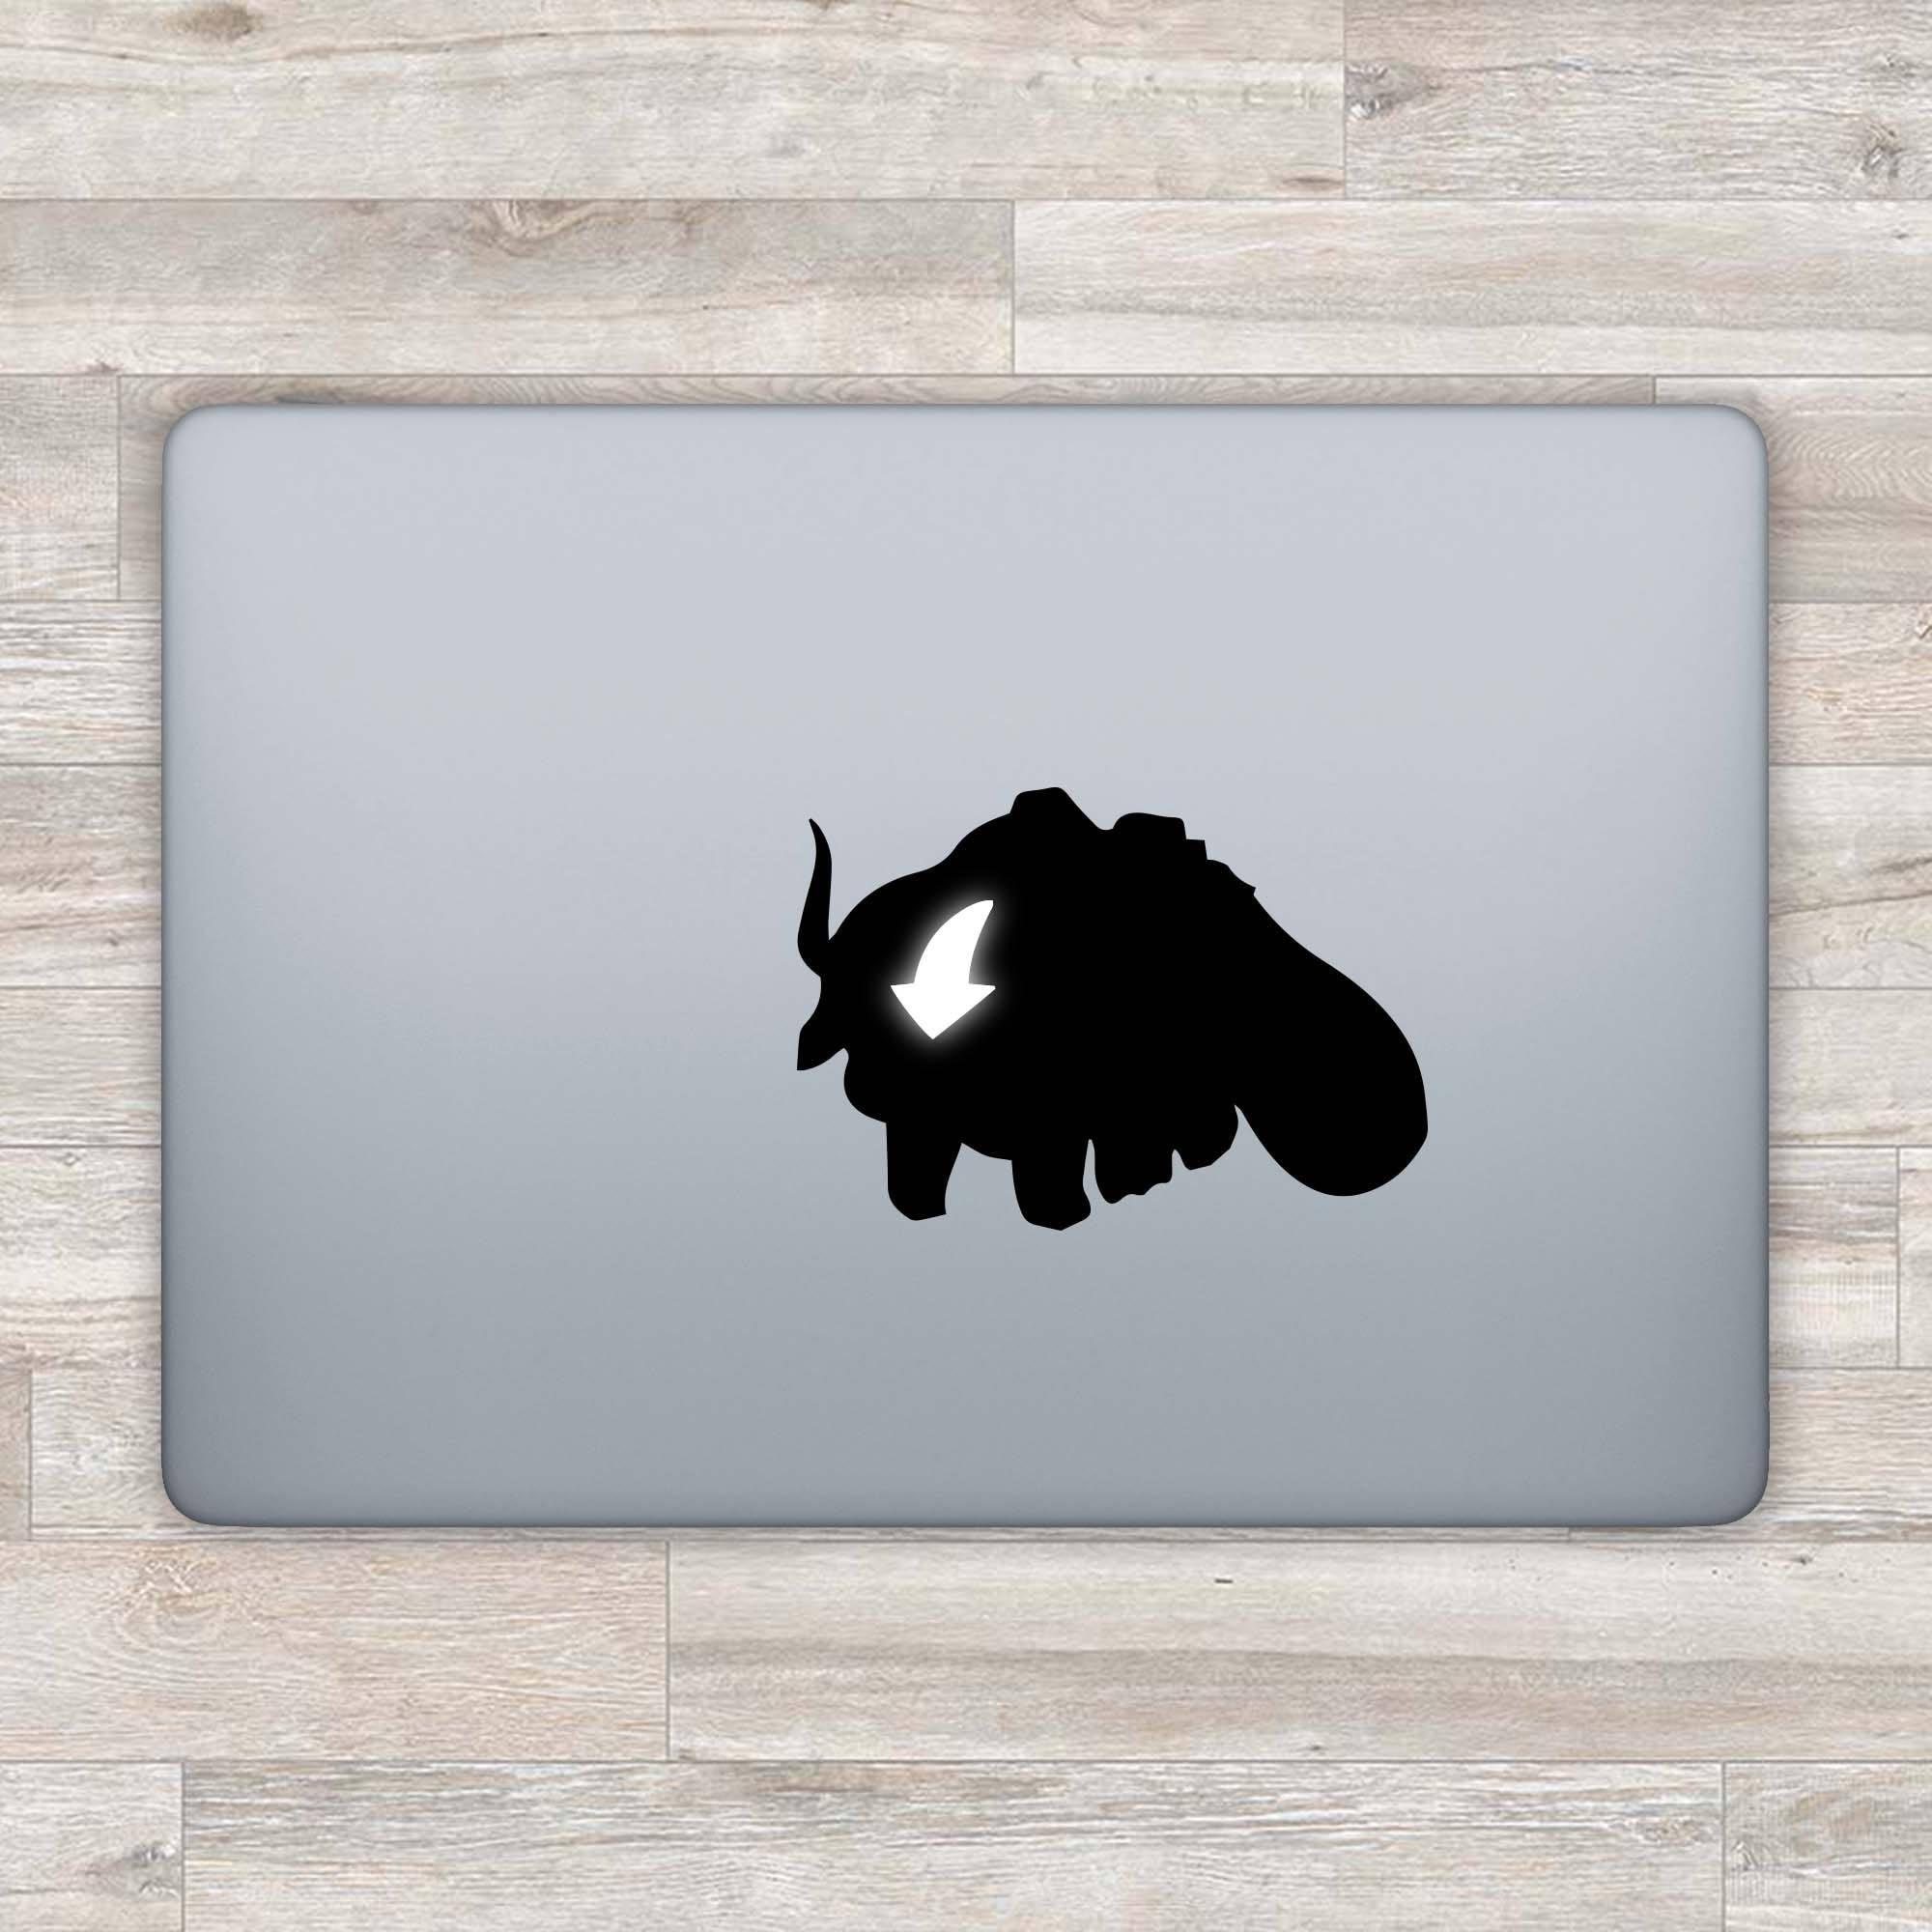 Avatar macbook decal appa macbook sticker apple logo aang etsy